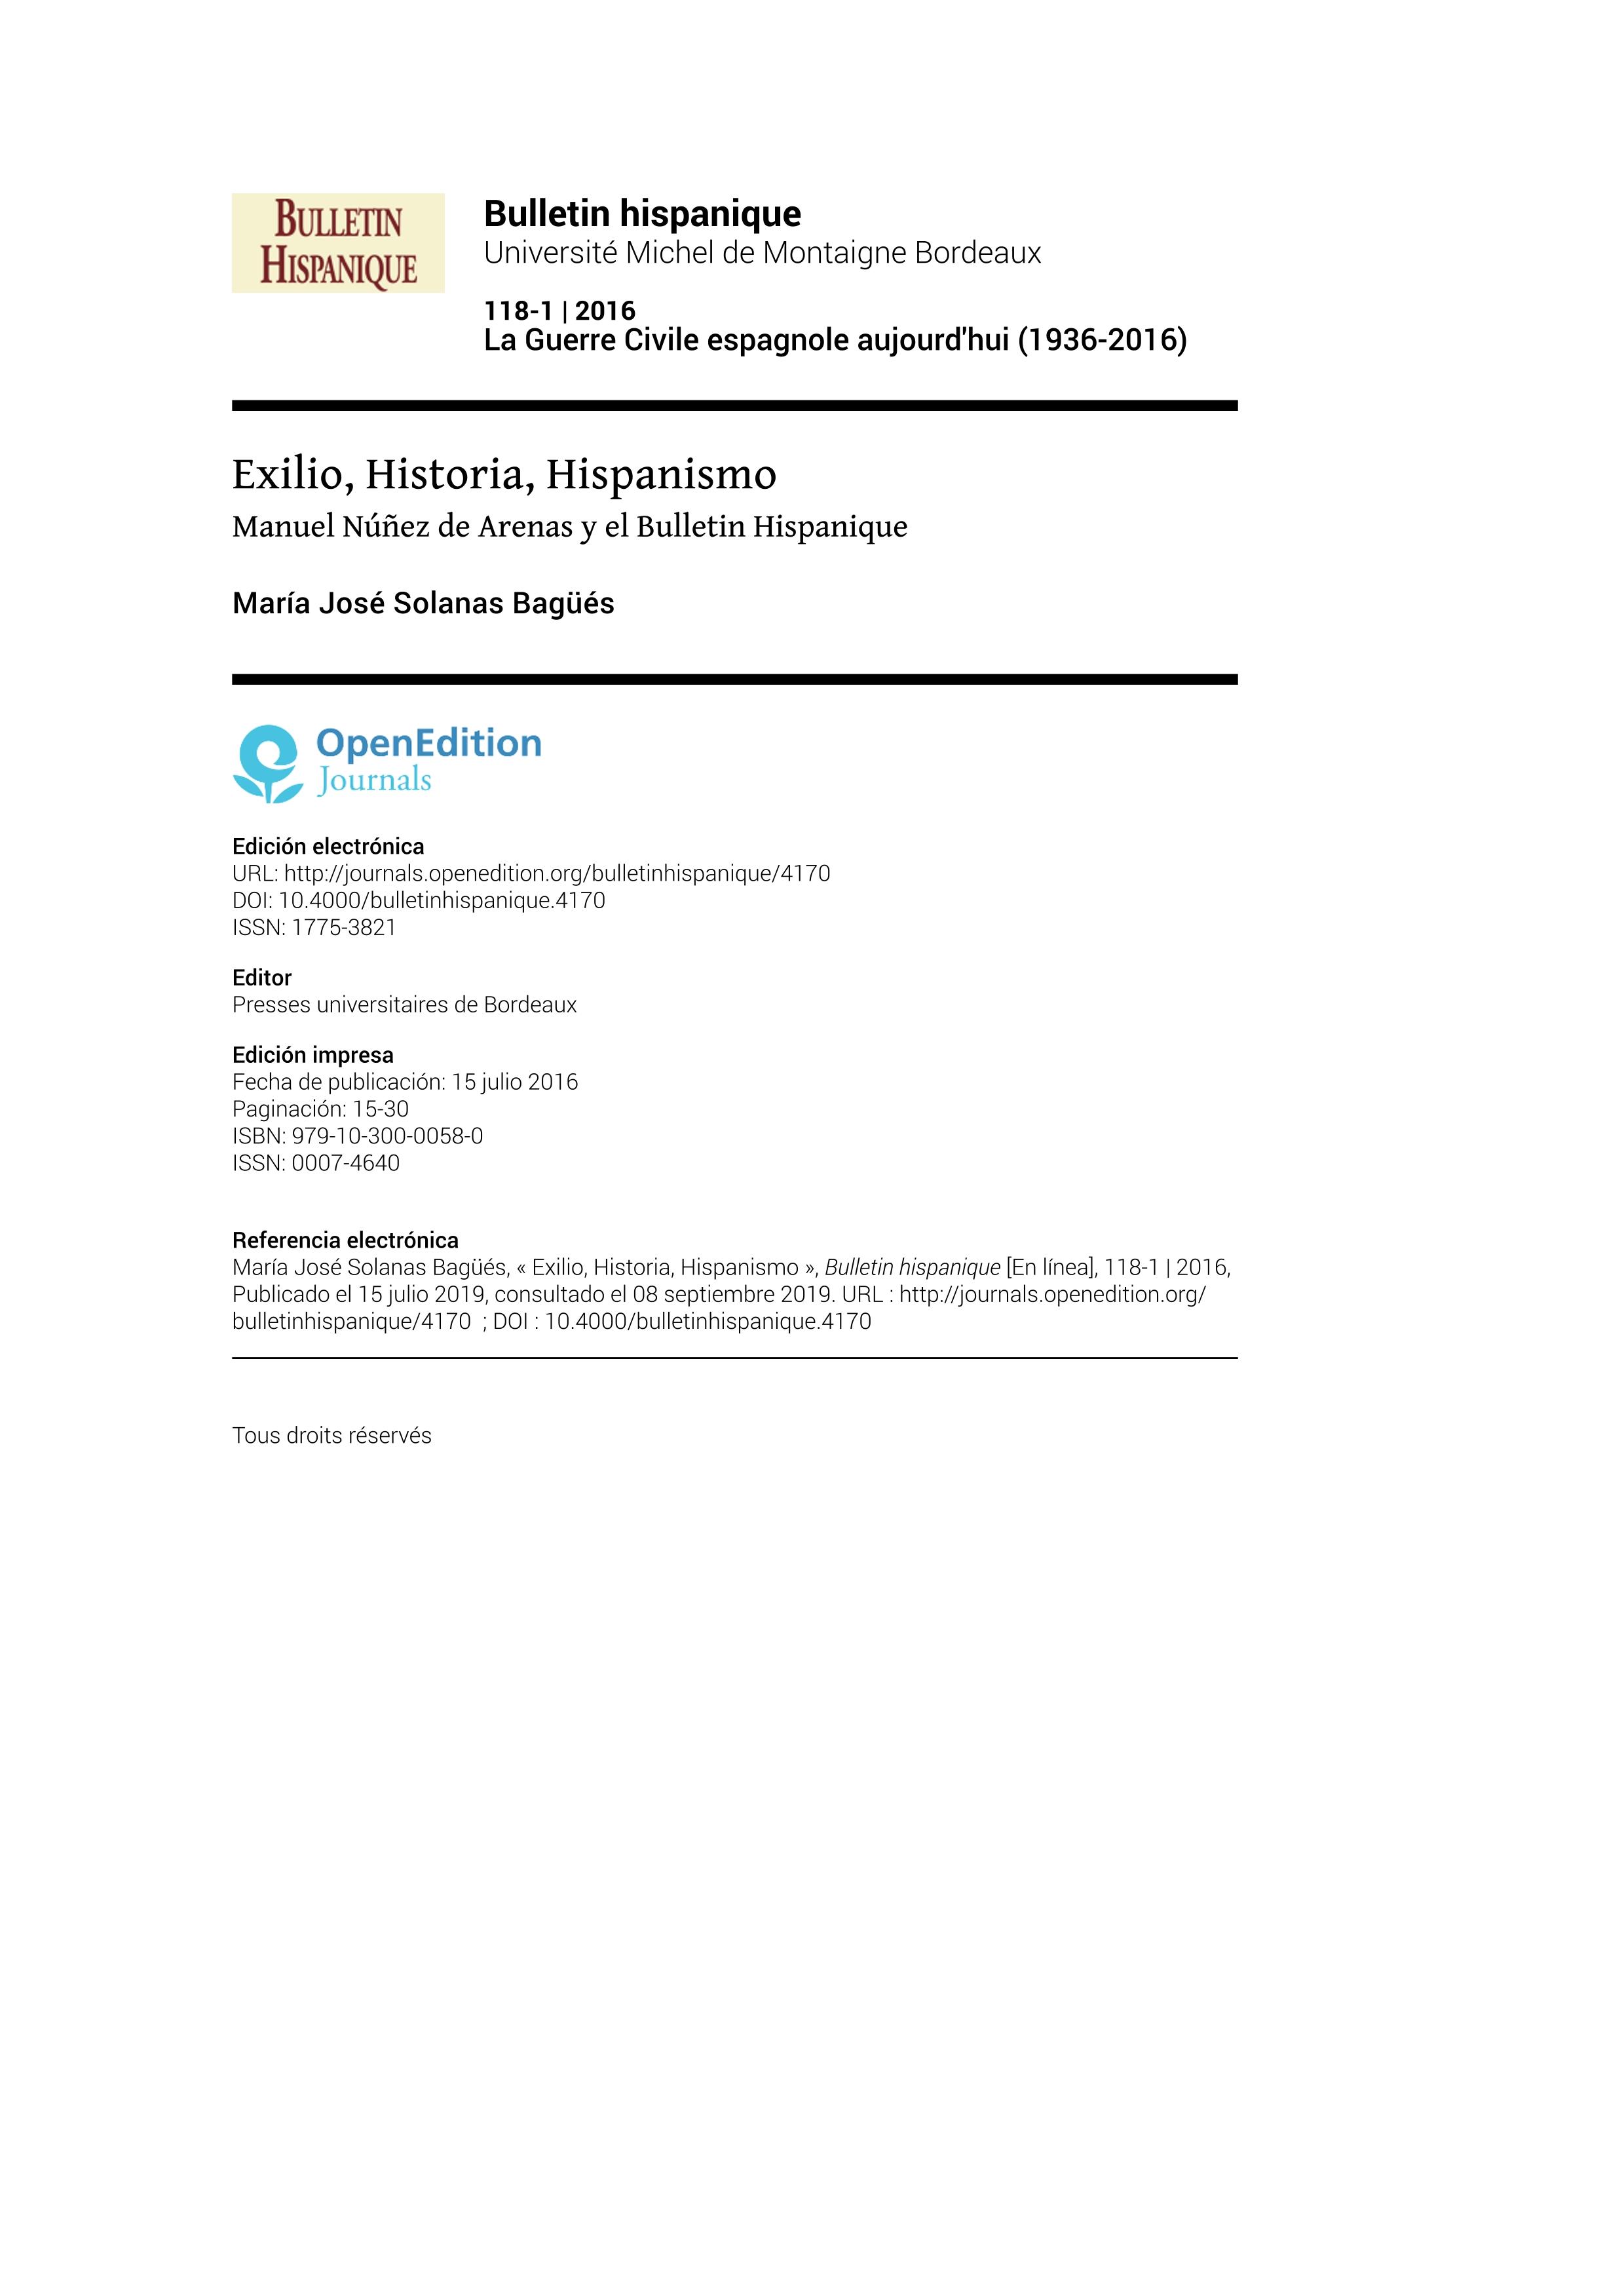 Exilio, Historia, Hispanismo: Manuel Núñez de Arenas y el